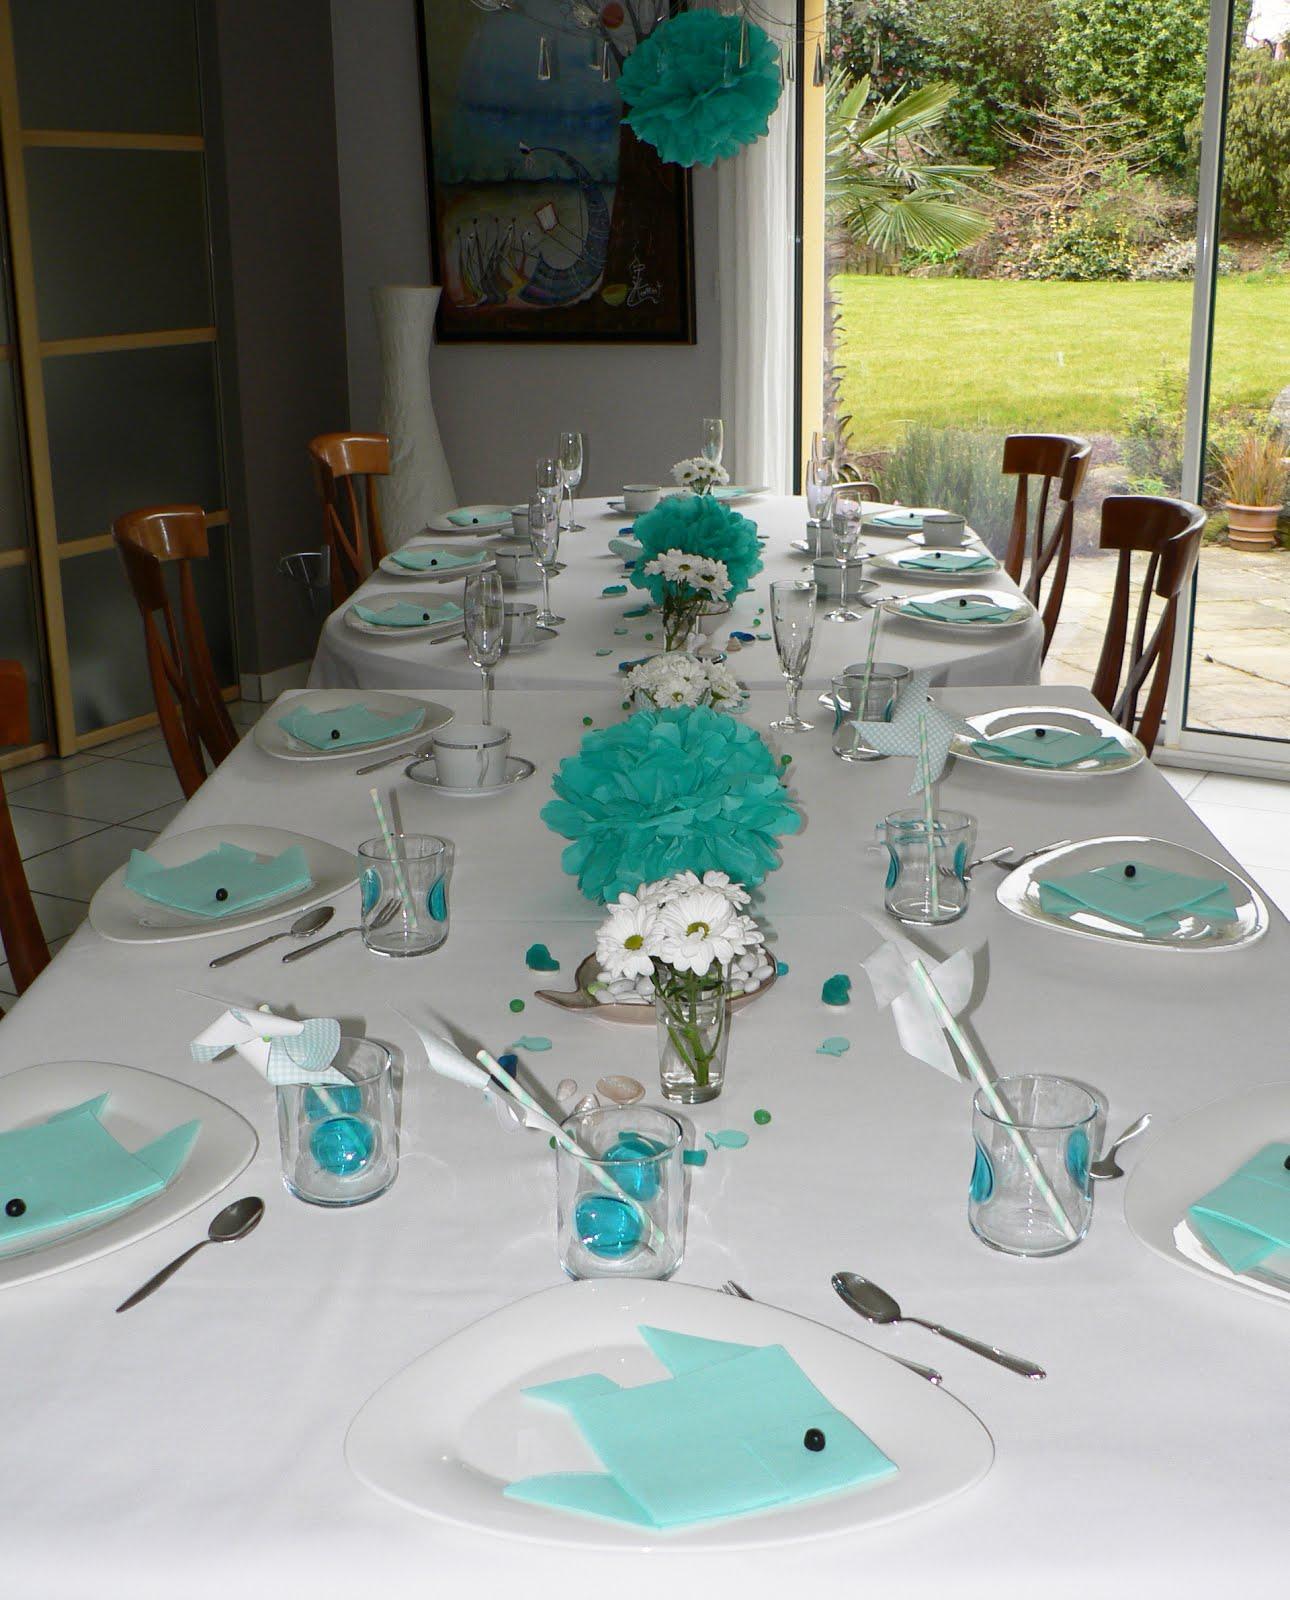 d co de table vert mint turquoise sur le th me marin k zako d co. Black Bedroom Furniture Sets. Home Design Ideas